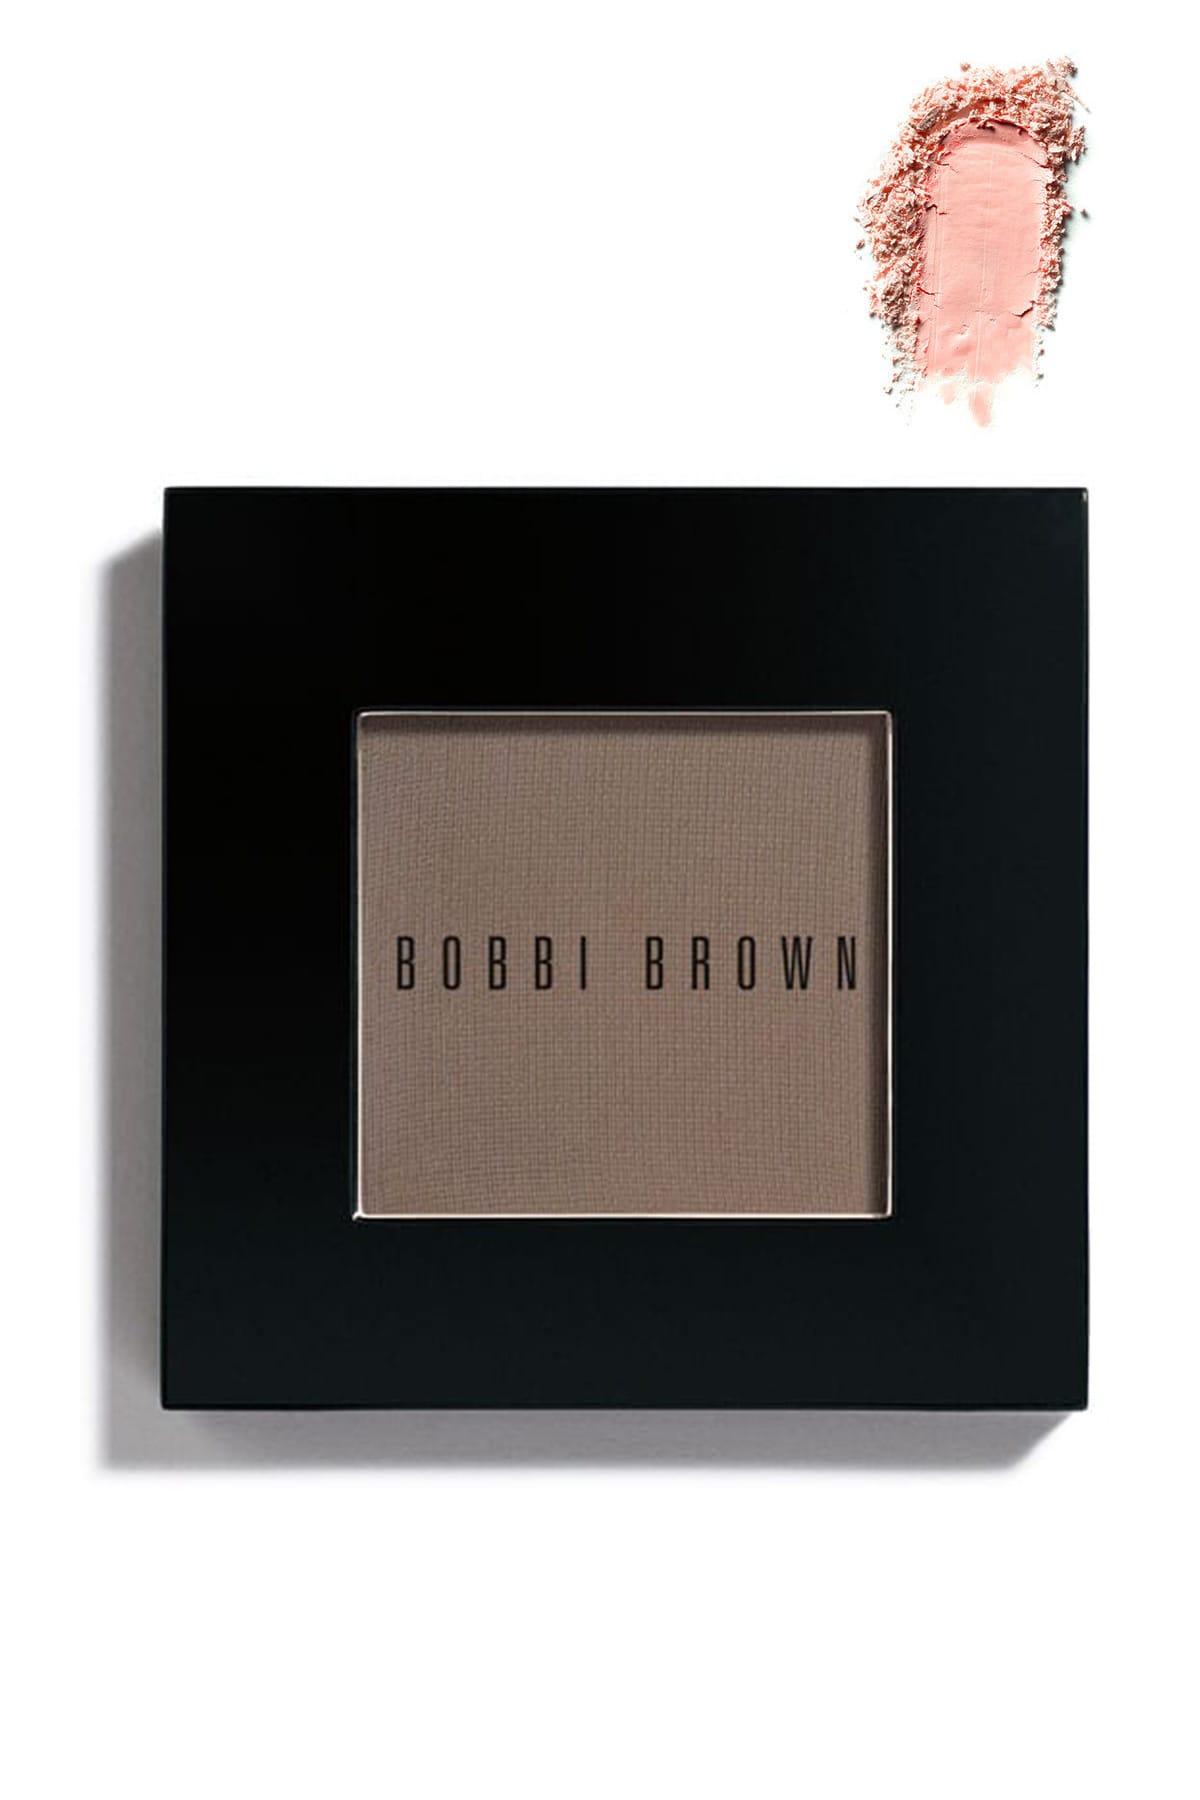 BOBBI BROWN Göz Farı - Eyeshadow Sweet Pink 7.2 g 716170141787 1